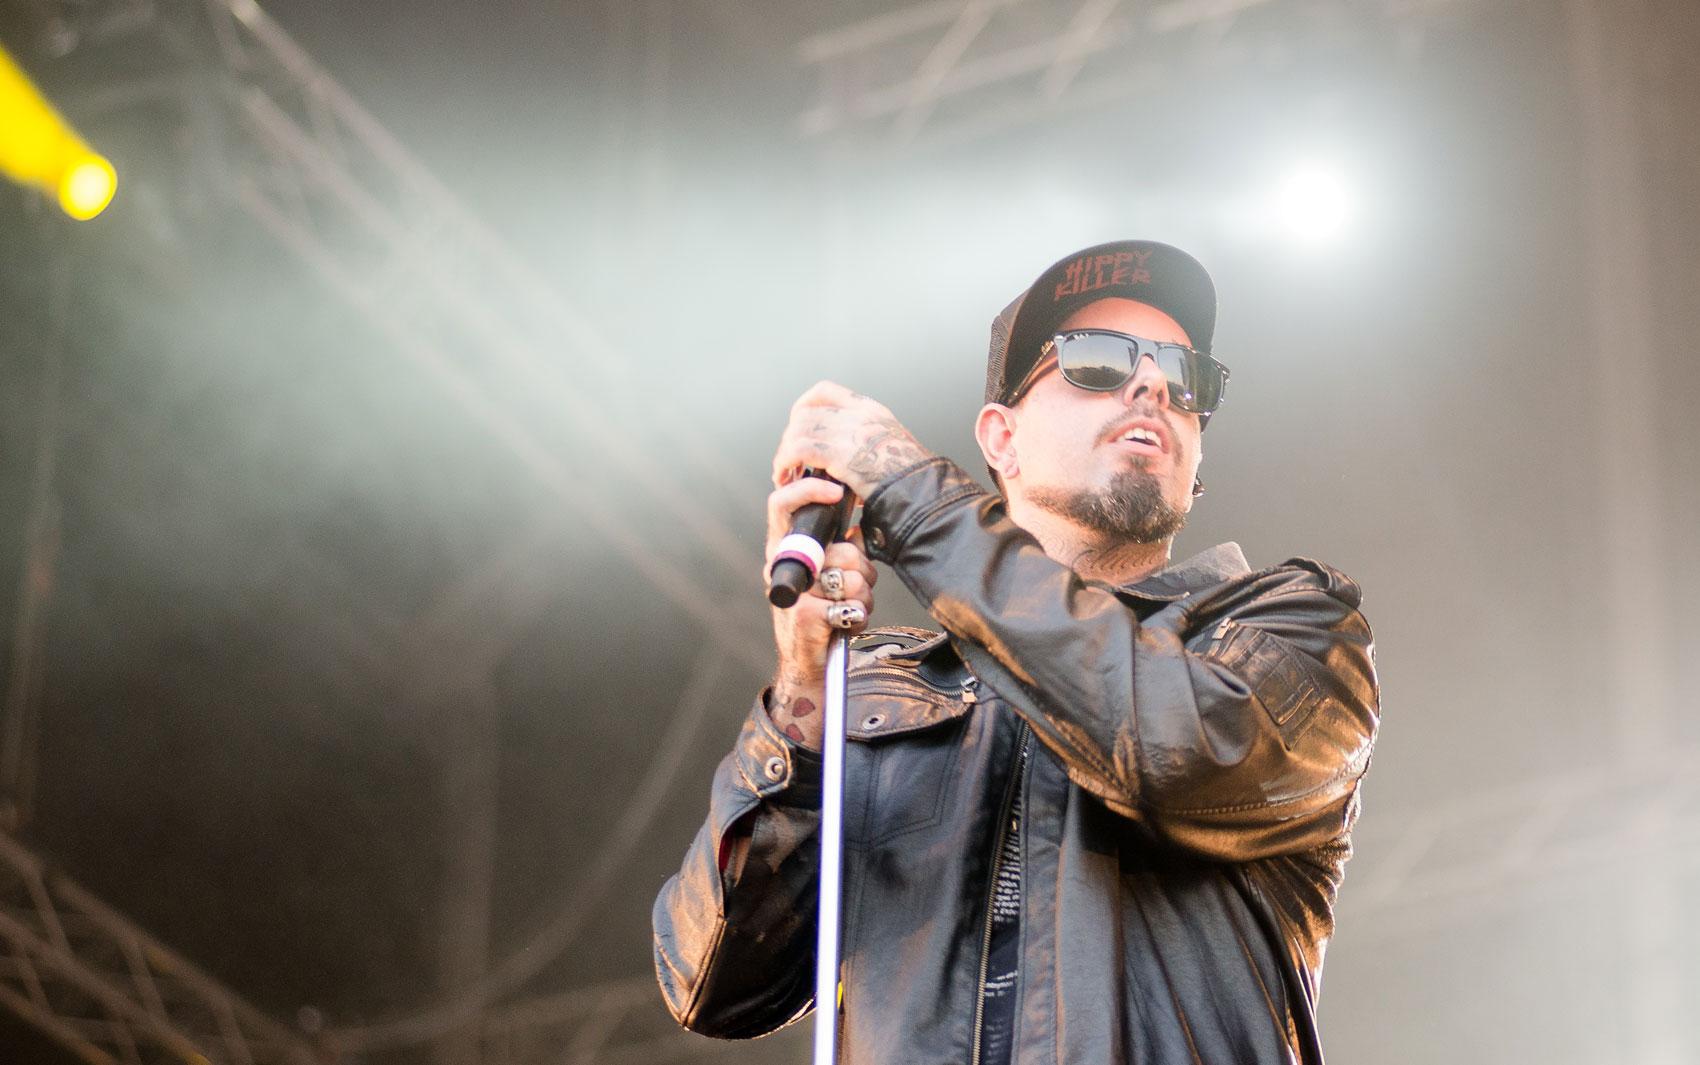 Tico Santa Cruz, do Detonautas, durante o tributo a Raul Seixas no palco Sunset do Rock in Rio 2013